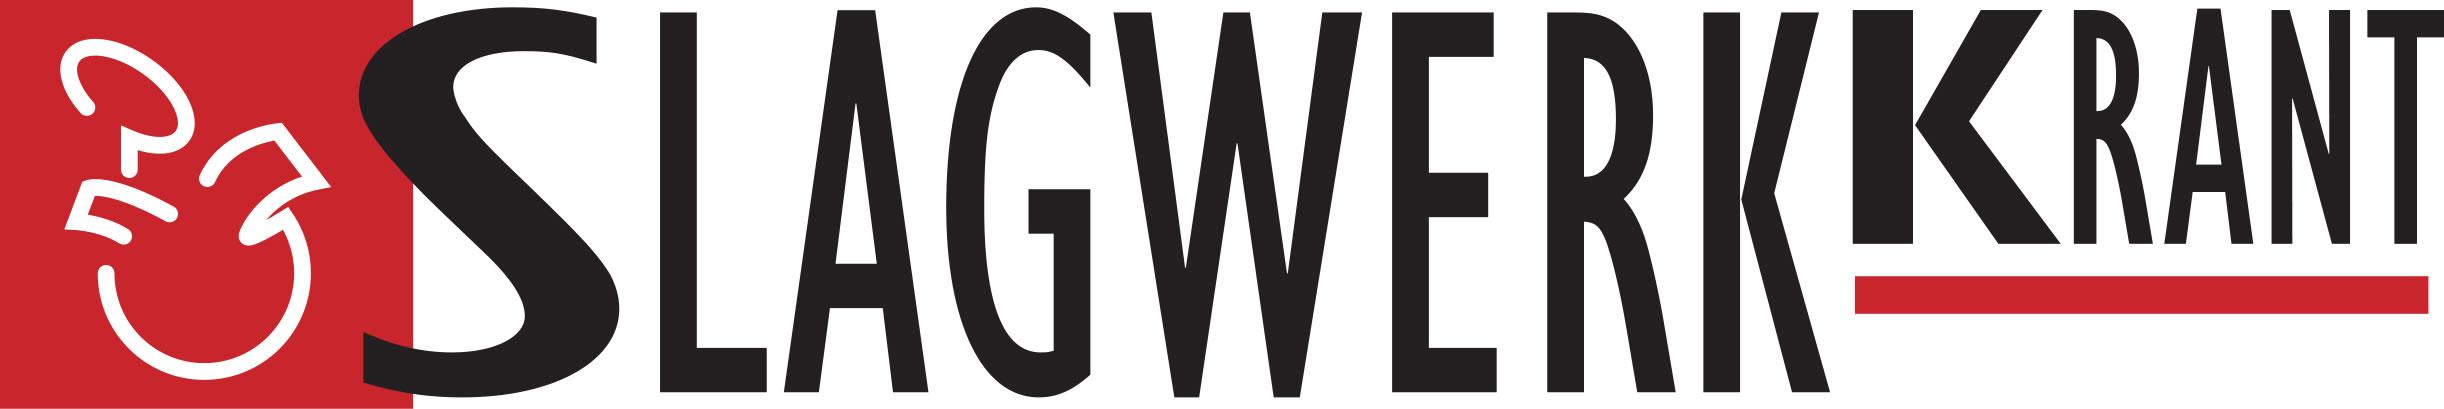 Slagwerkkrant logo #4